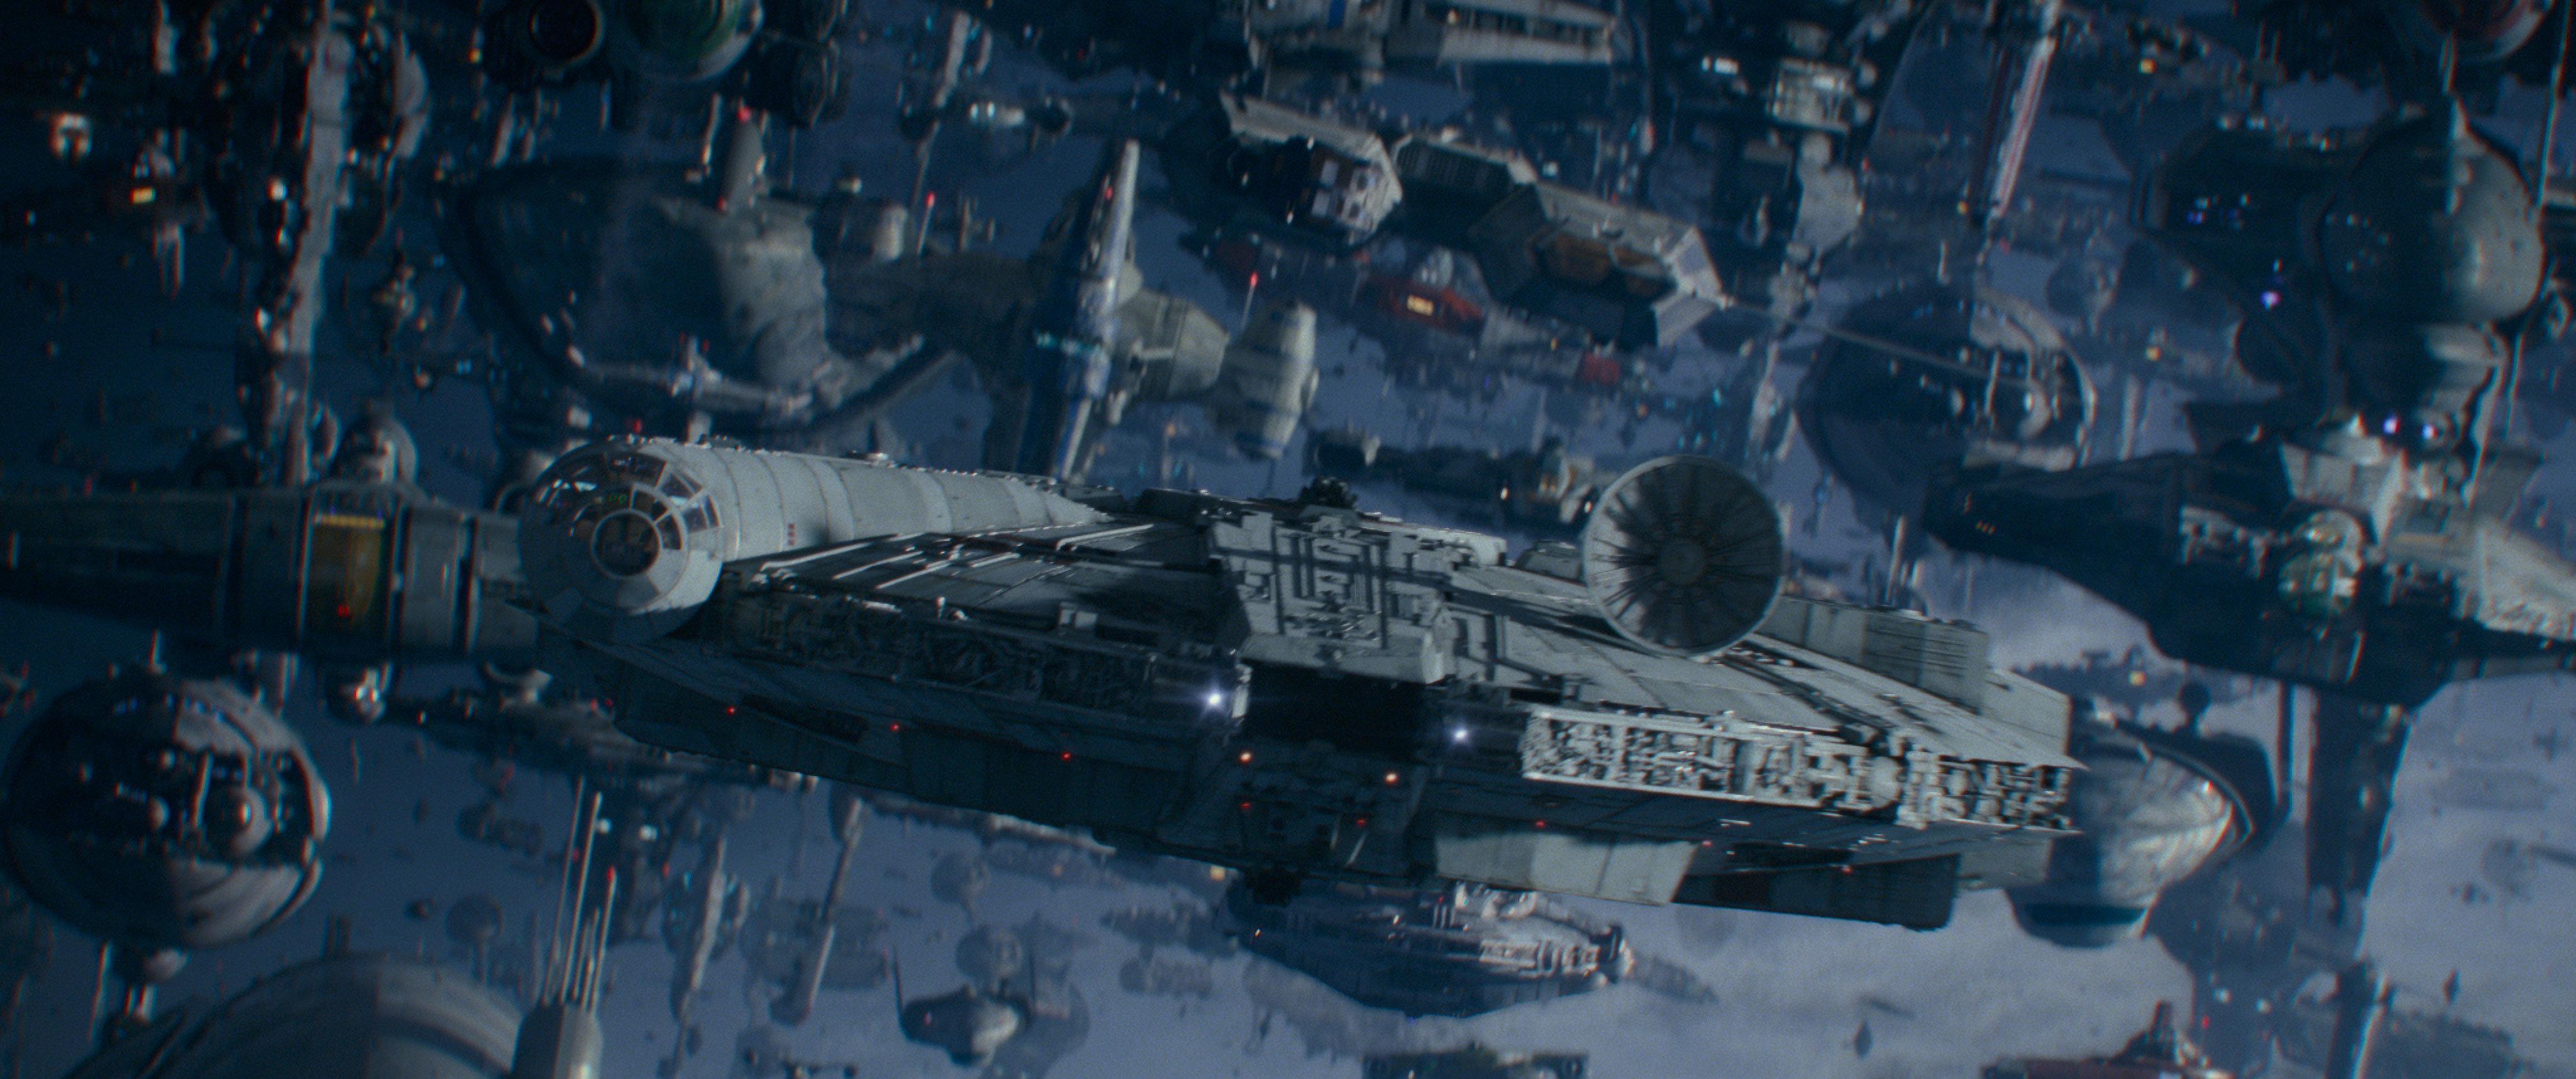 Il Millennium Falcon guida l'assalto finale